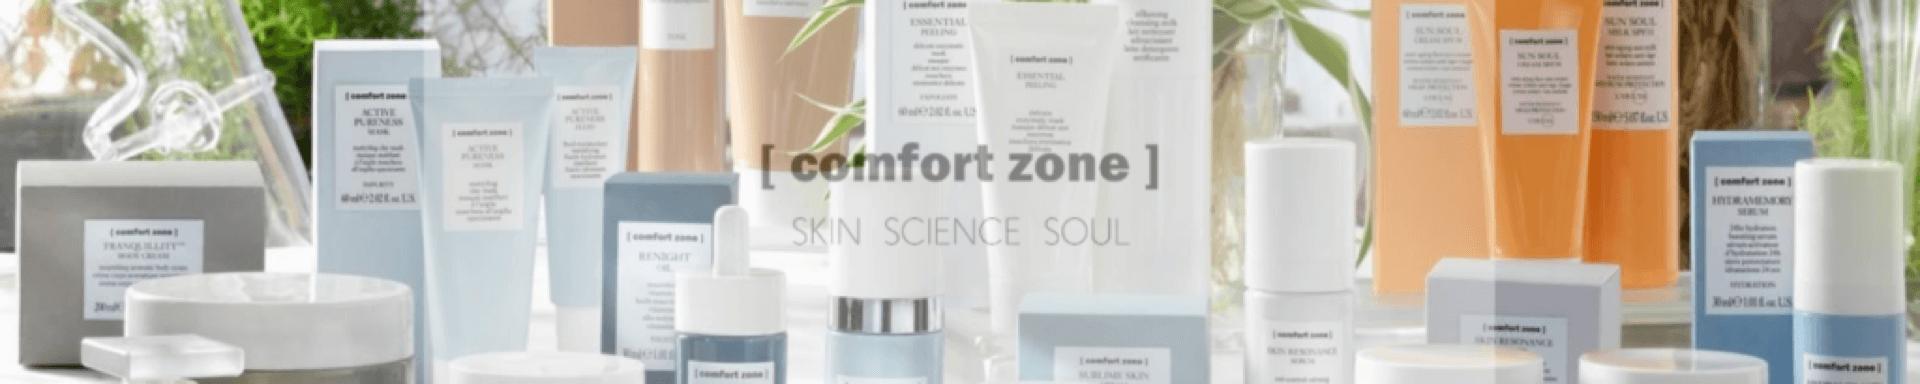 włoskie kosmetyki comfort zone